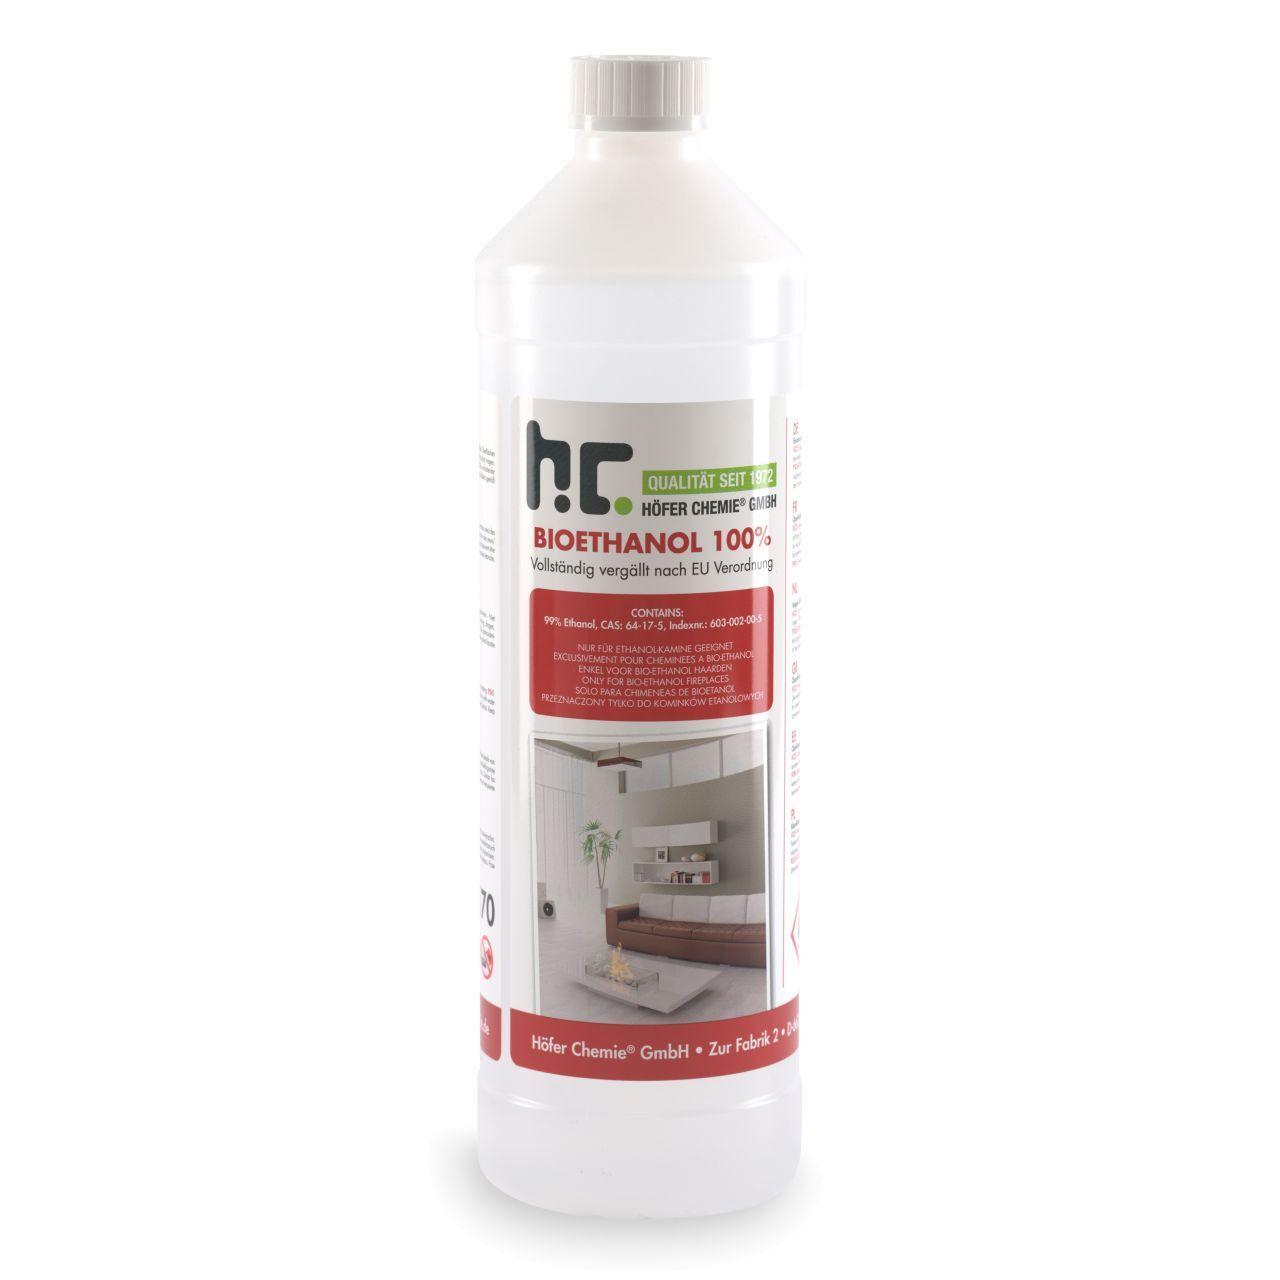 Höfer Chemie 6 l Bioéthanol à 100% dénaturé en bouteilles de 1 l (6 x 1 l)